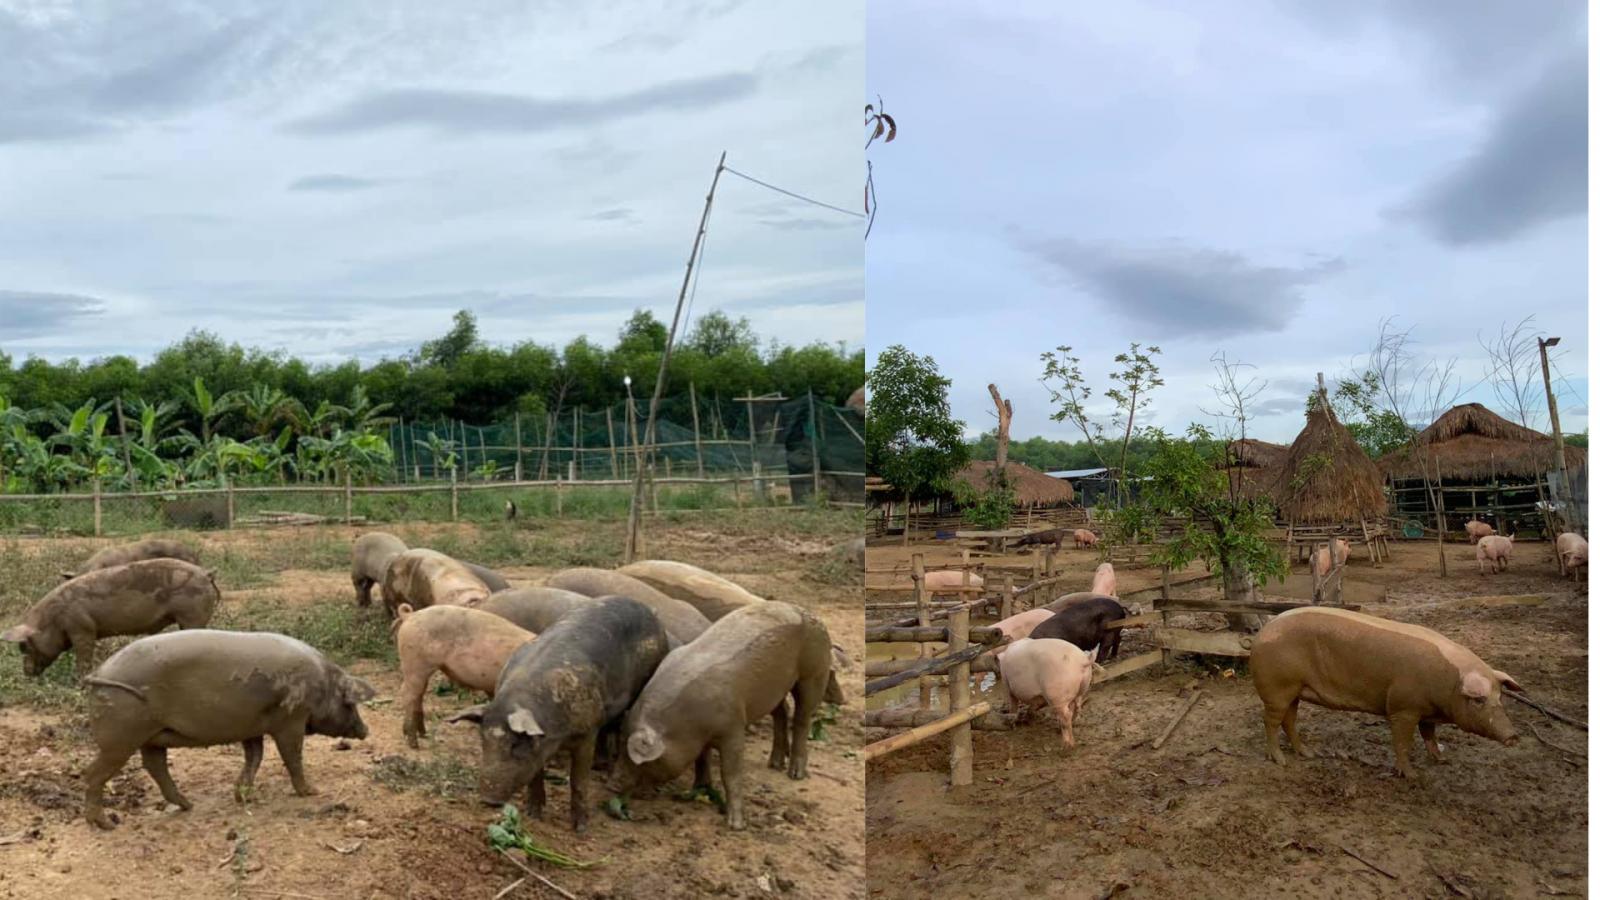 Heo tại nông trại được cho thả rông, tắm bùn và vận động thường xuyên nên có sức đề kháng cao, thịt heo săn chắc.